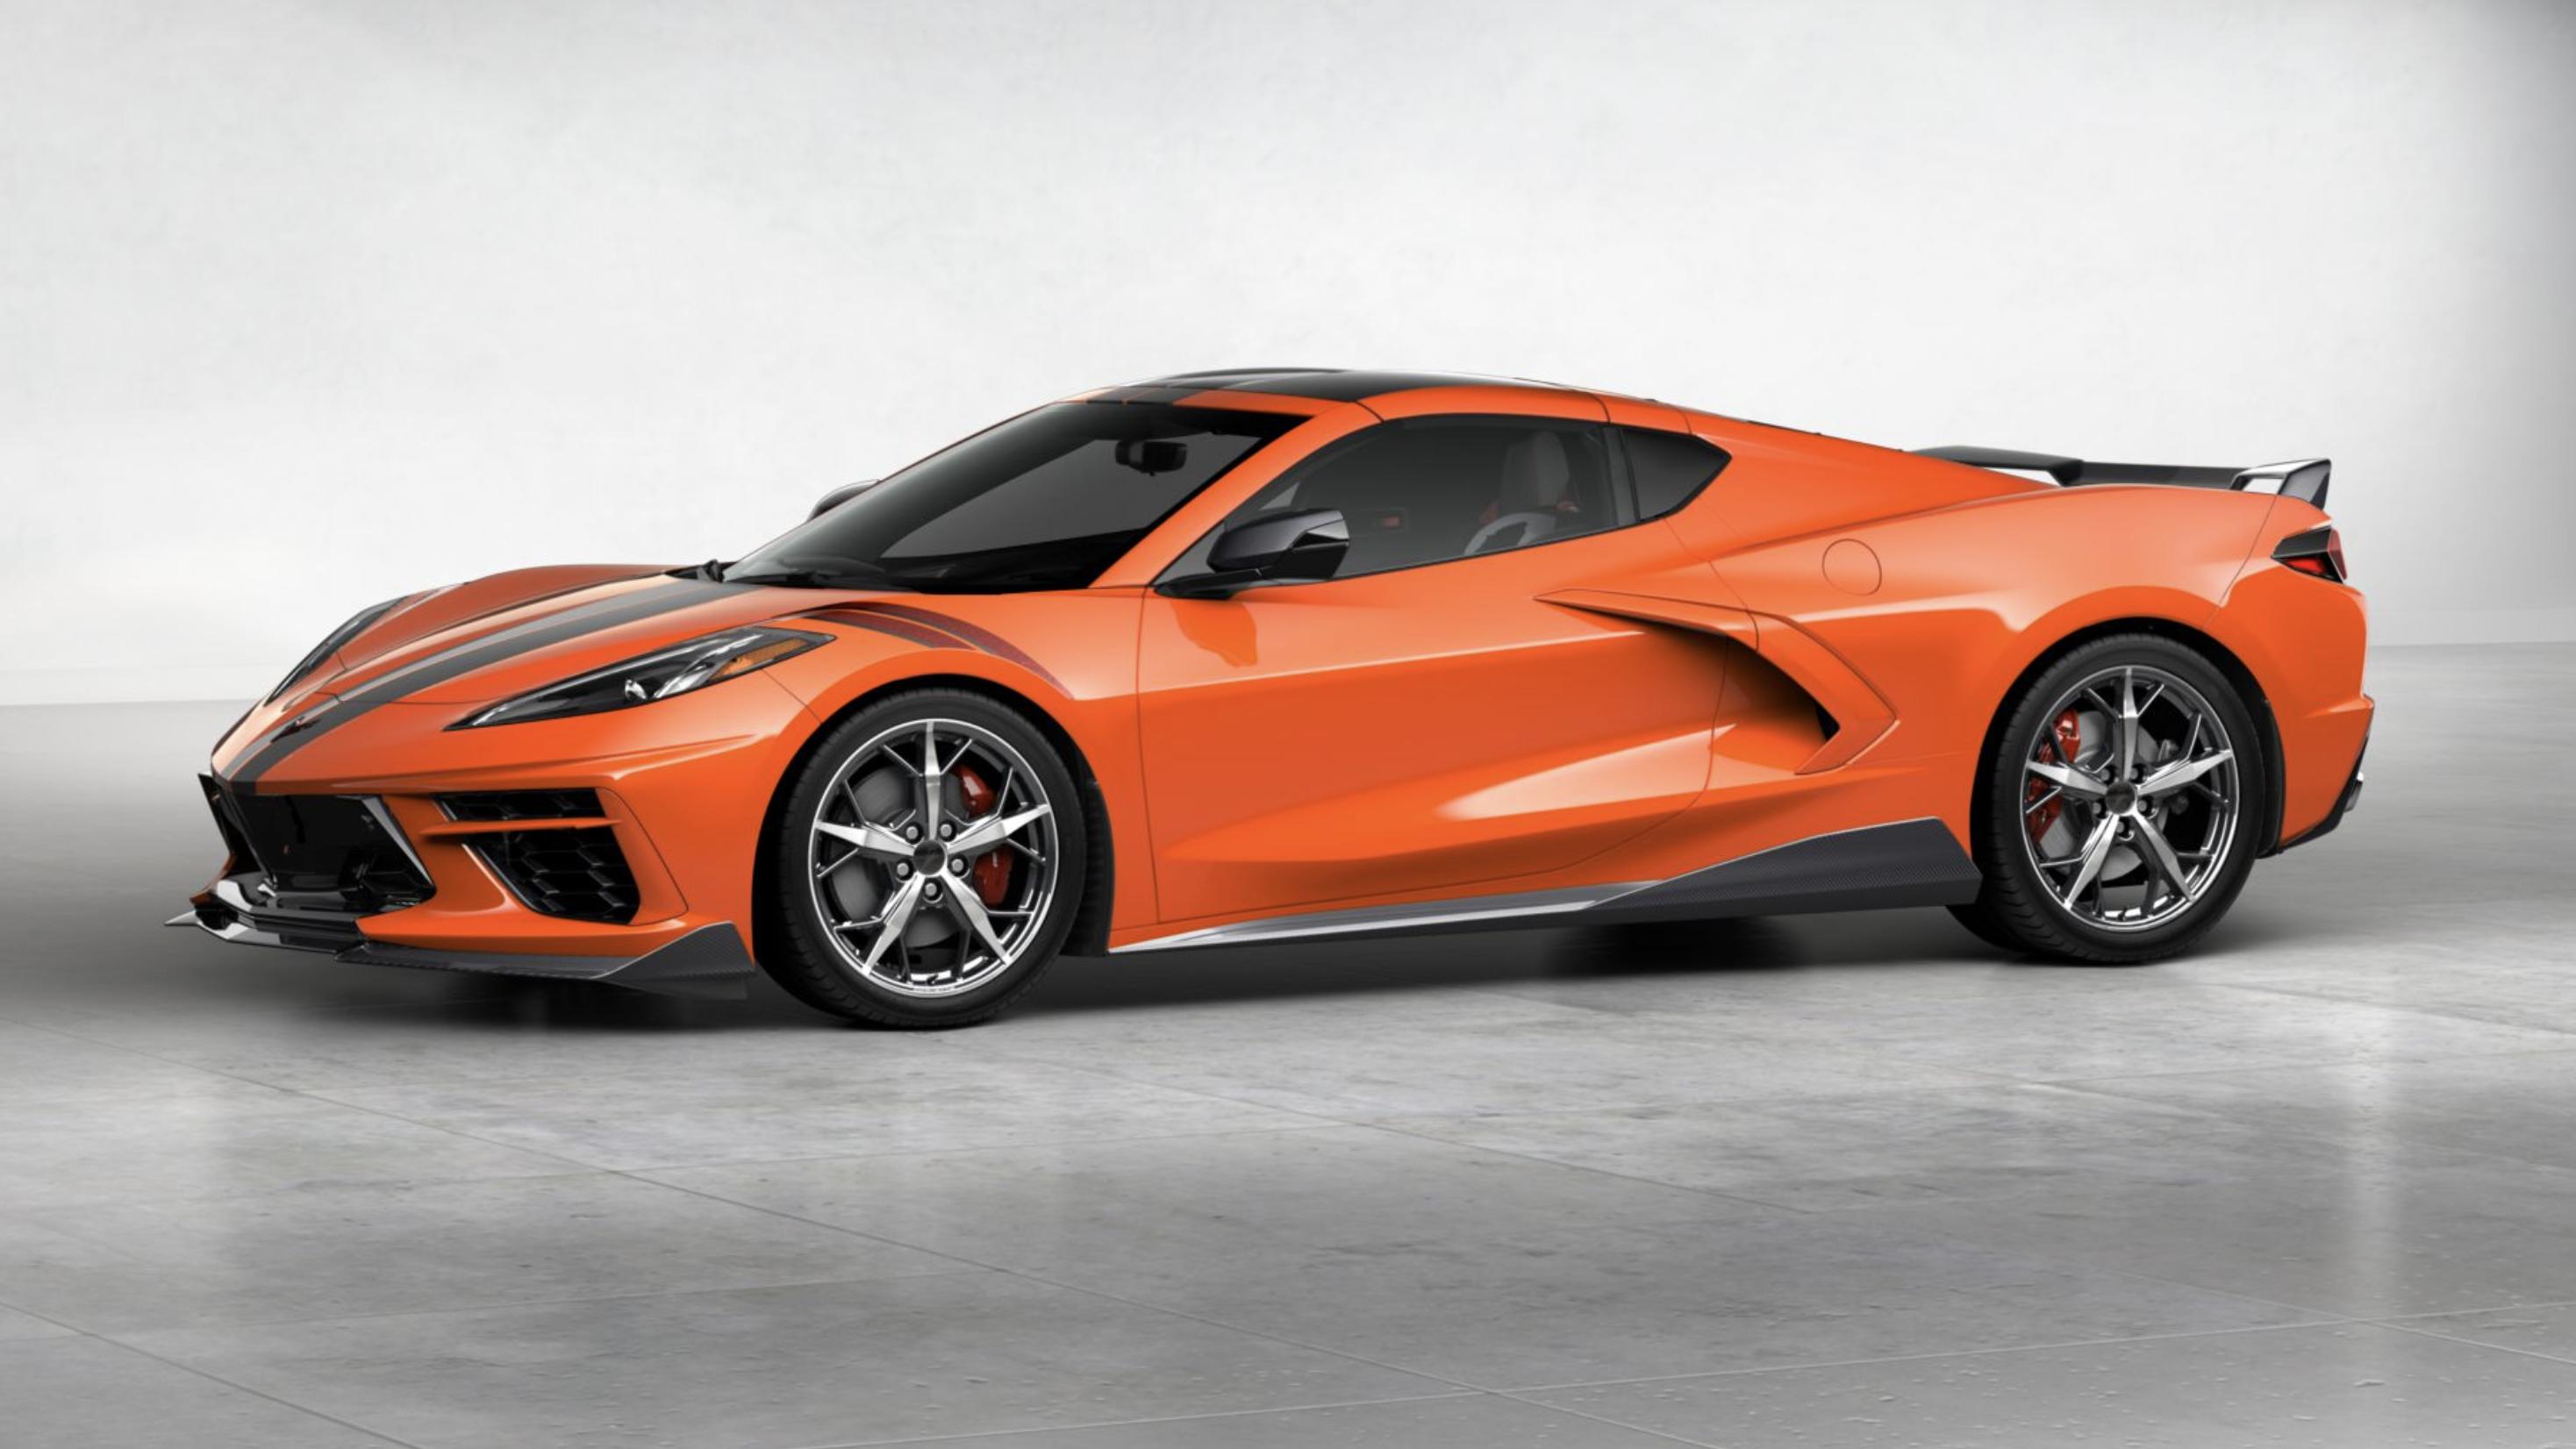 Corvette Price Comparison C7 C8 6 In 2020 With Images Chevy Corvette Corvette Corvette Stingray